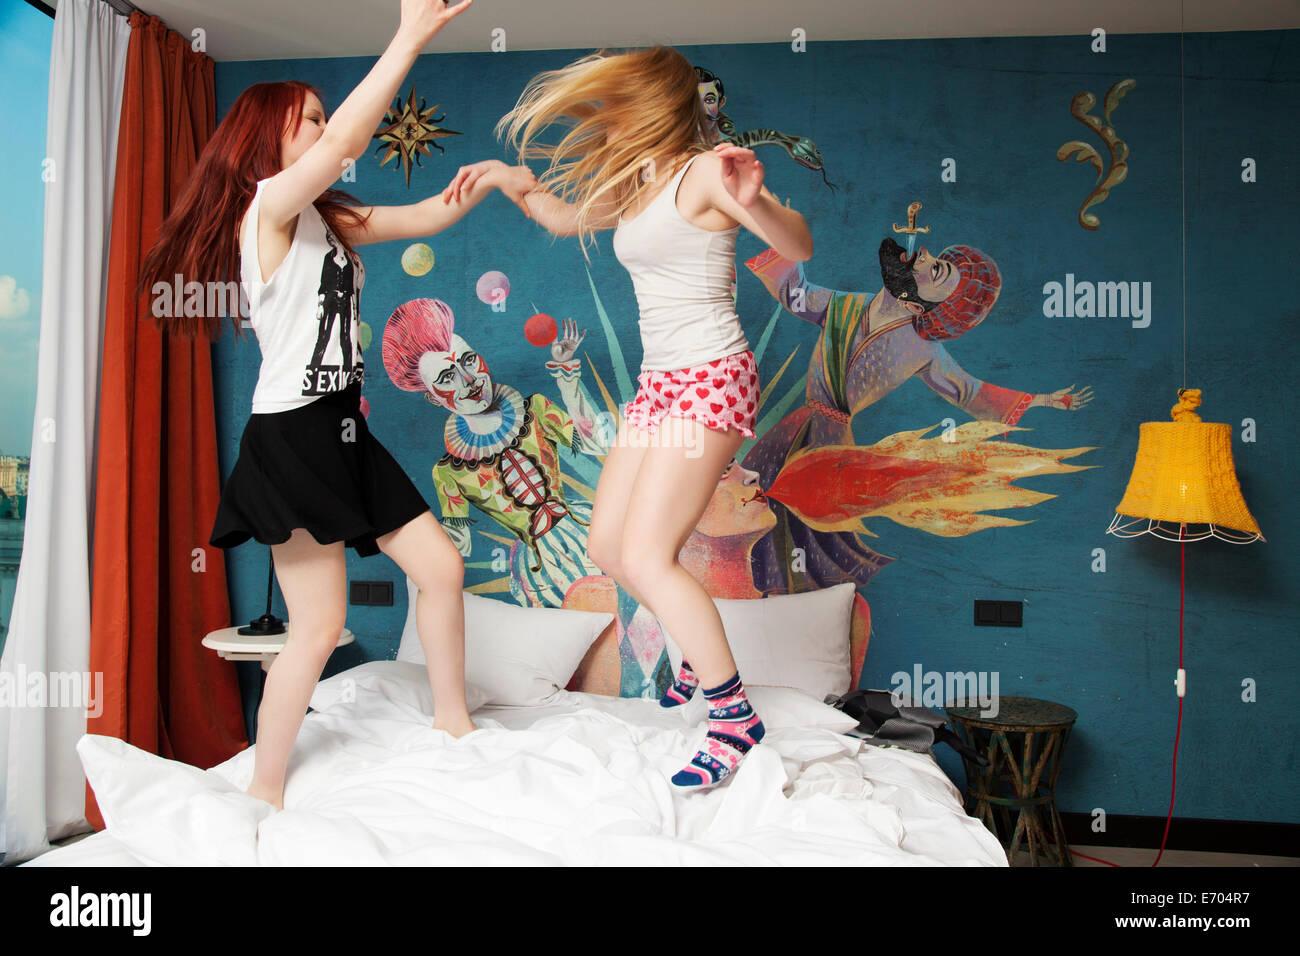 Zwei junge Frauen tanzen auf Hotelbett Stockbild